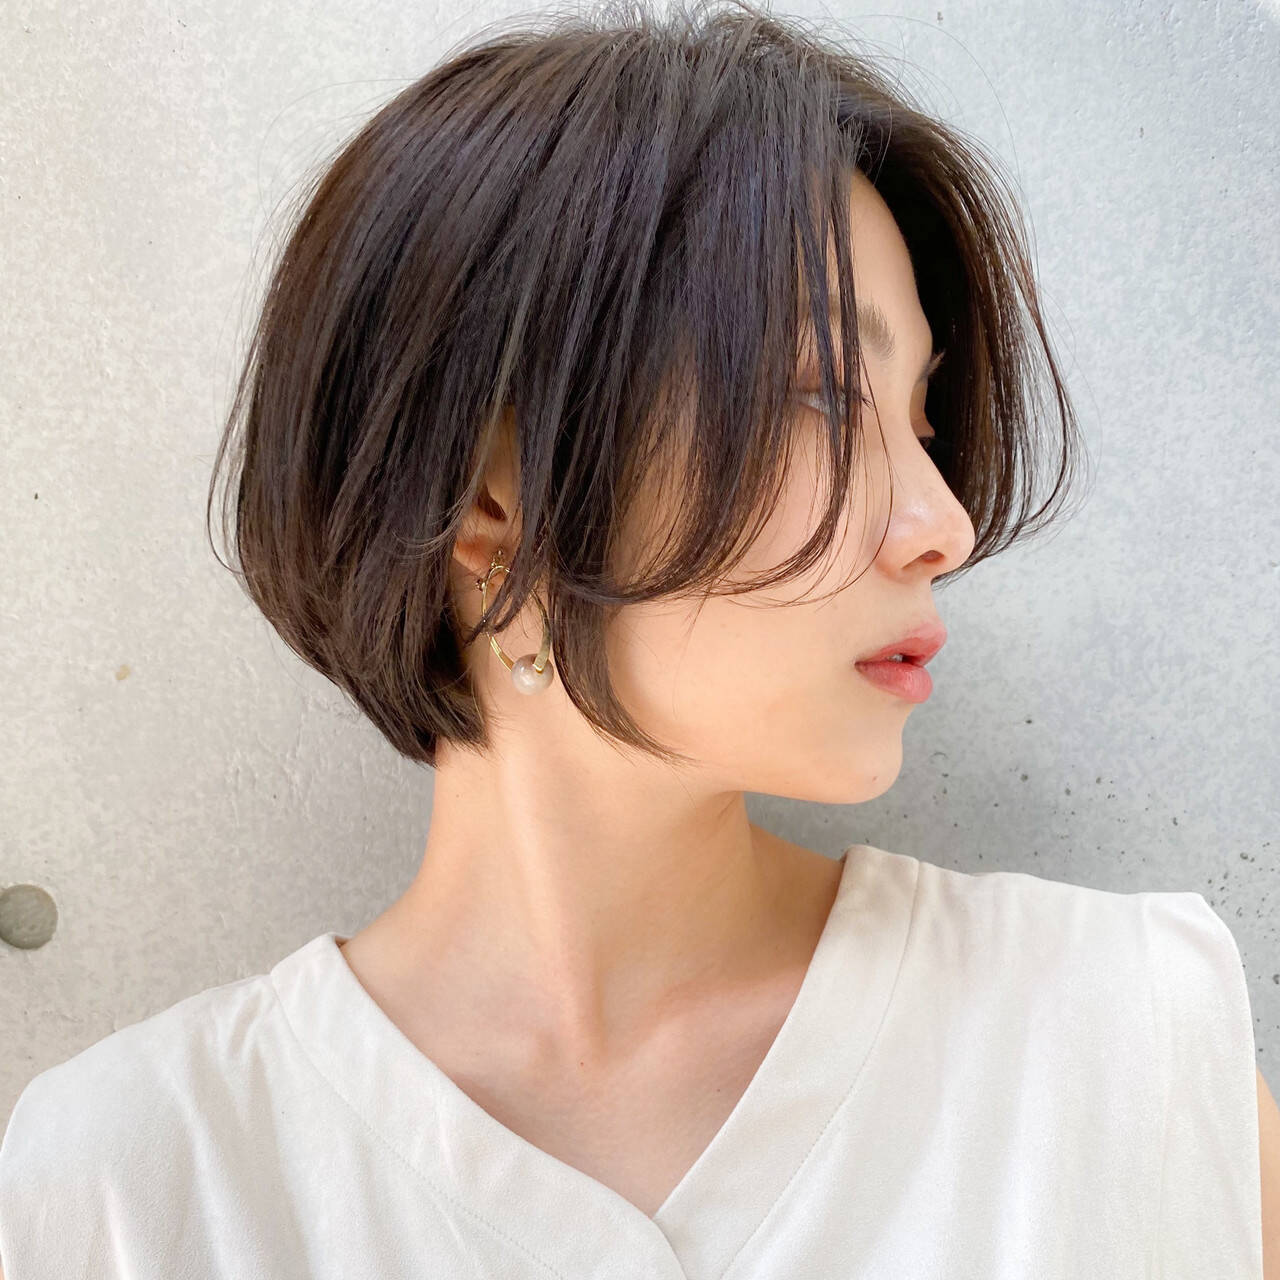 透明感カラー ハンサムショート 色気 大人かわいいヘアスタイルや髪型の写真・画像